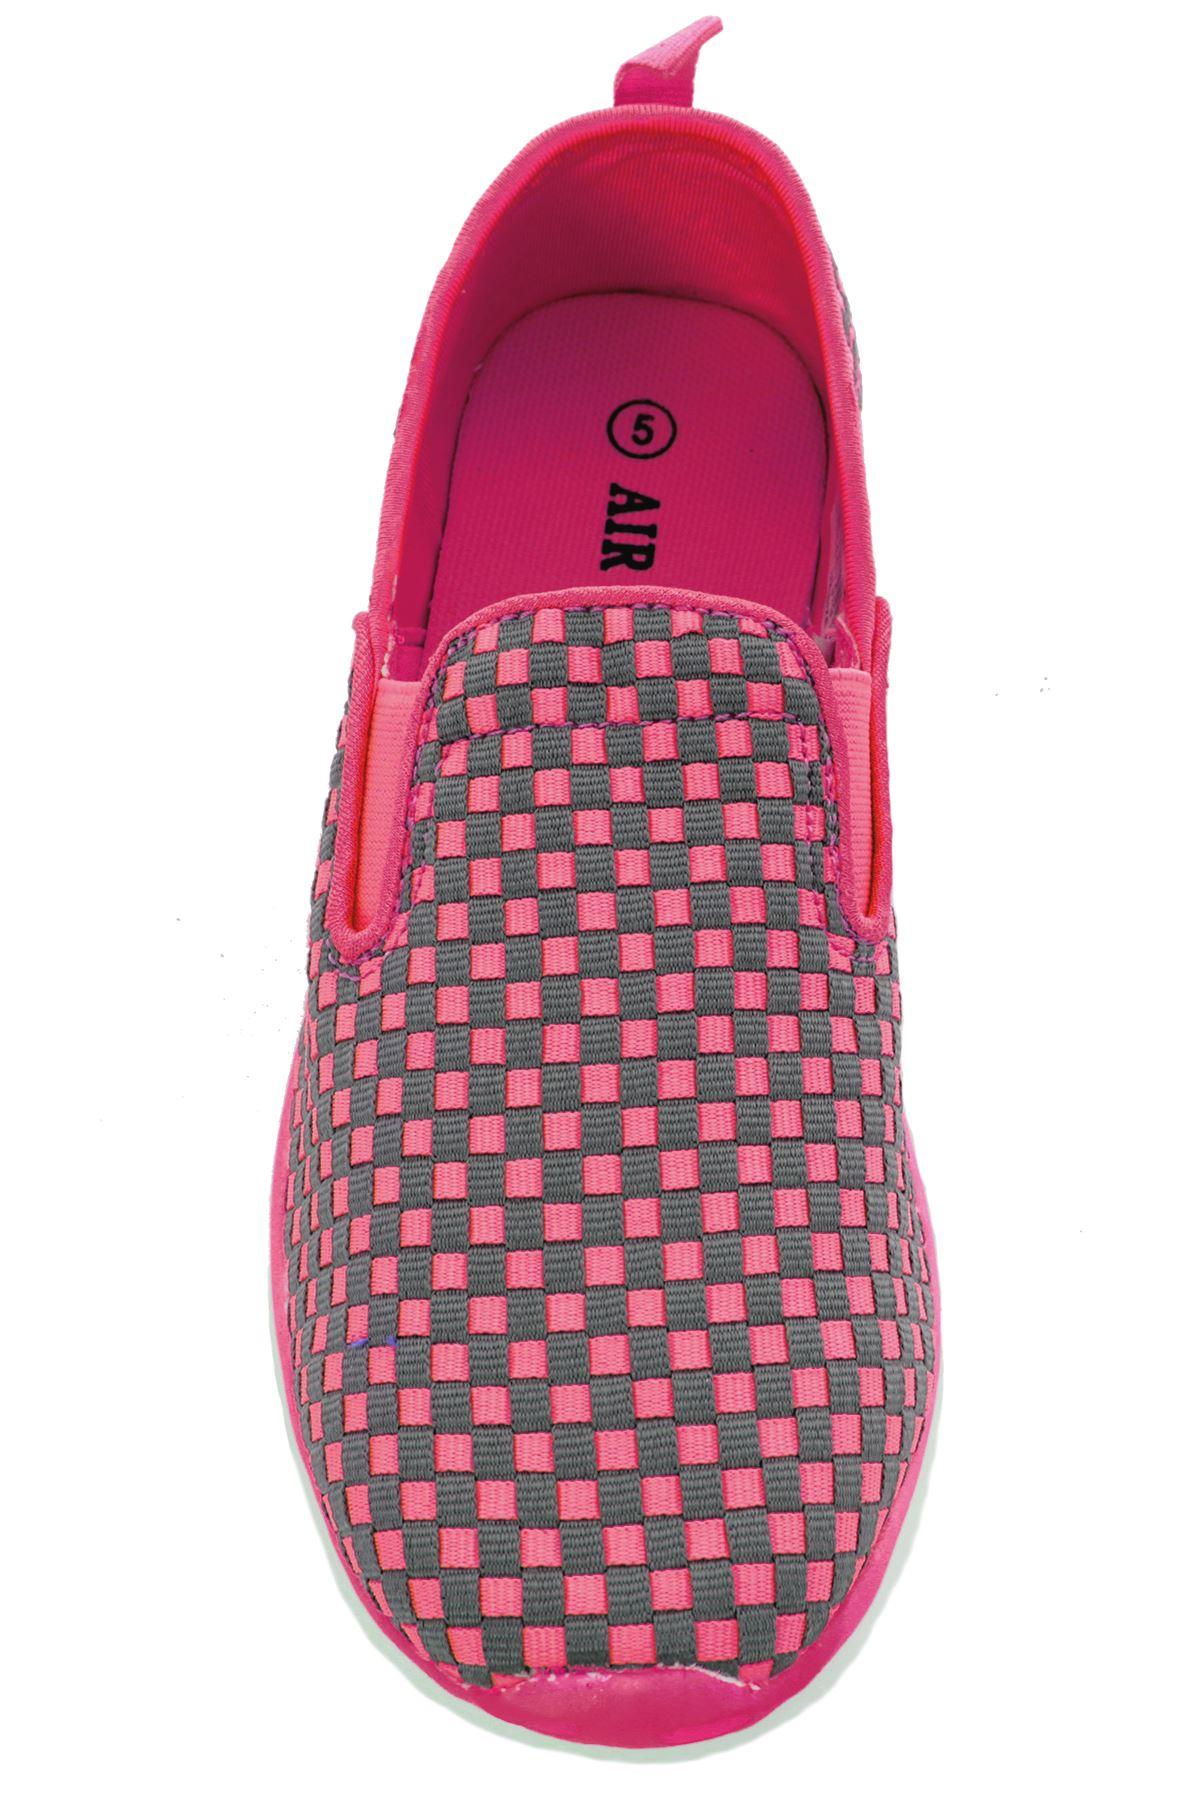 Mujer Sin Cordones Zapatillas de cuadros Lona Plano Zapatos Cómodos